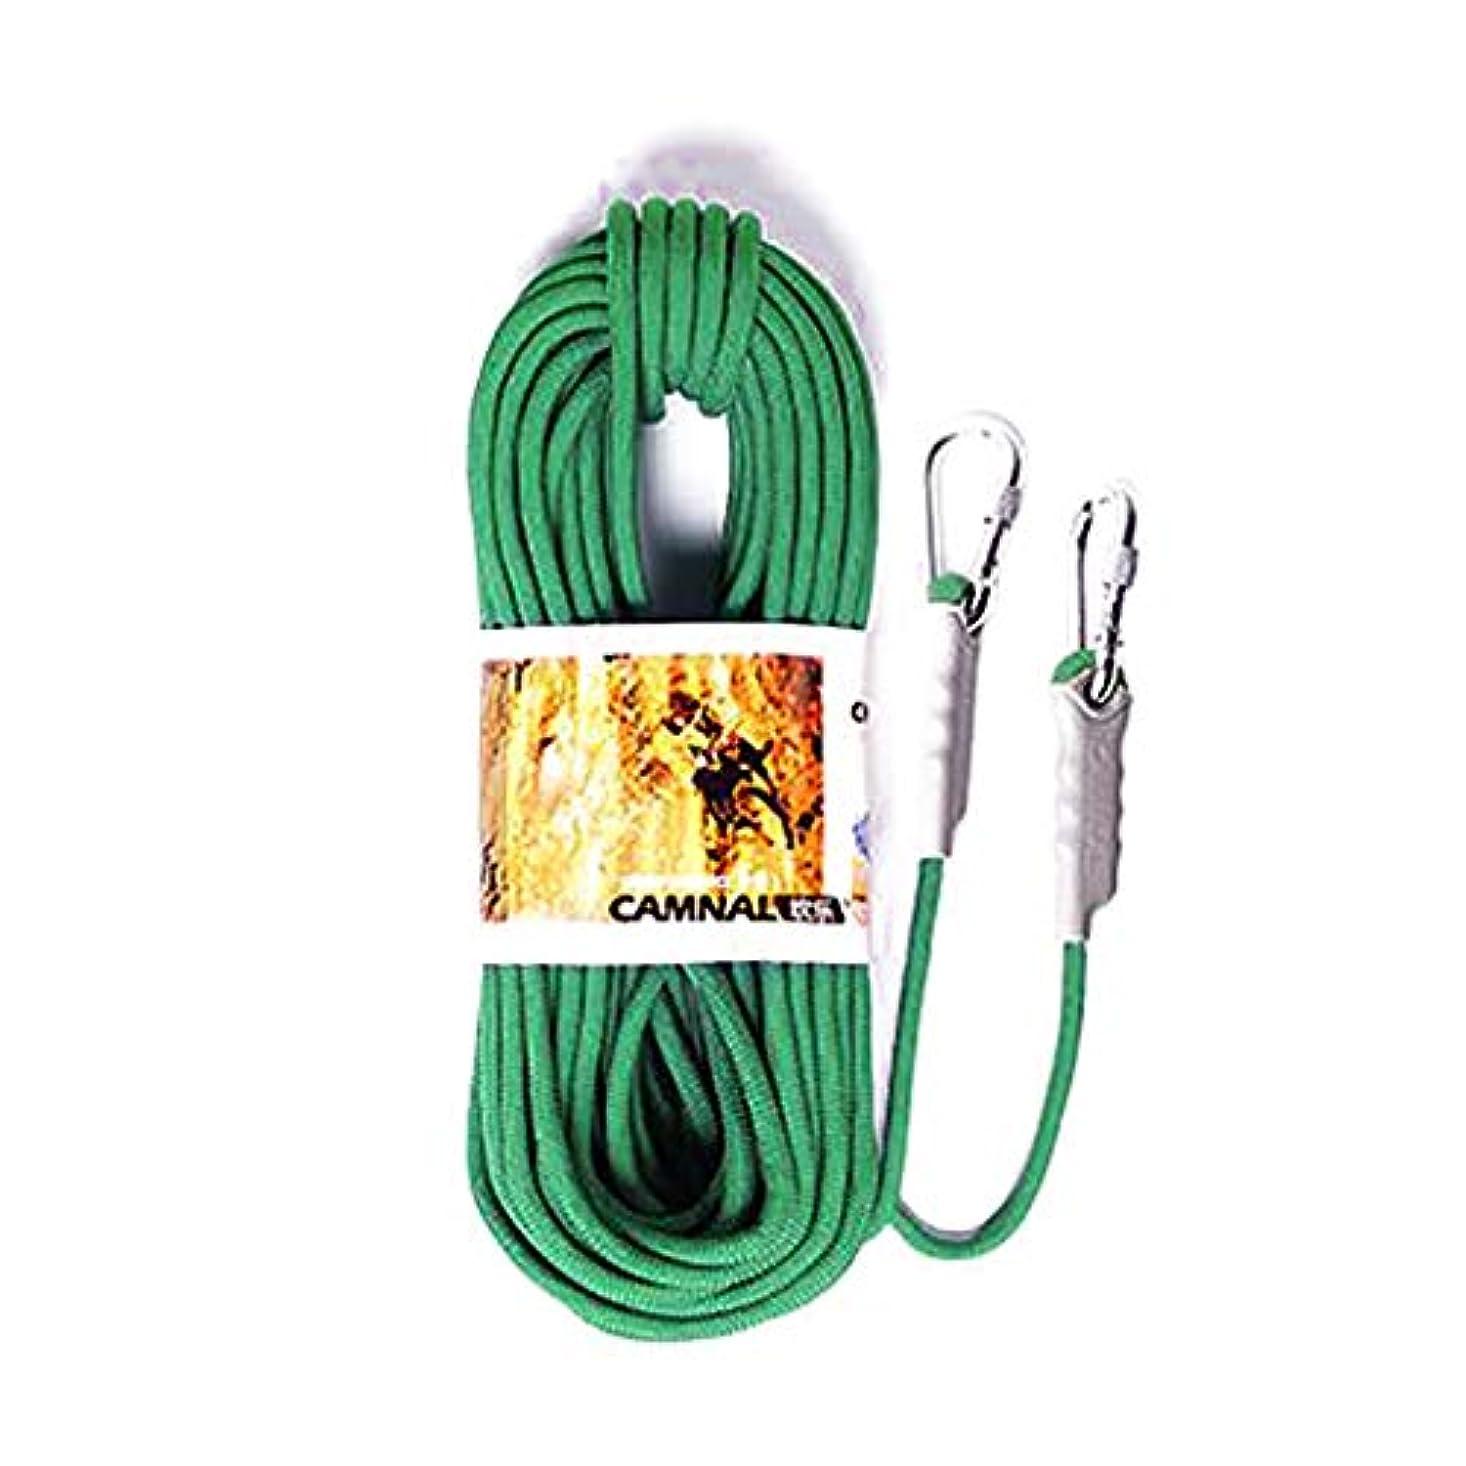 コンパニオン気づかないチャートKTYXDE クライミングロープキャンプ/クライミング/クライミング/ダイビングウェア径6/8 / 9.5 / 12mm長さは10/20/30/40/50 / 100mマルチカラーオプション クライミングロープ (Color : F, Size : 12MM 10M)